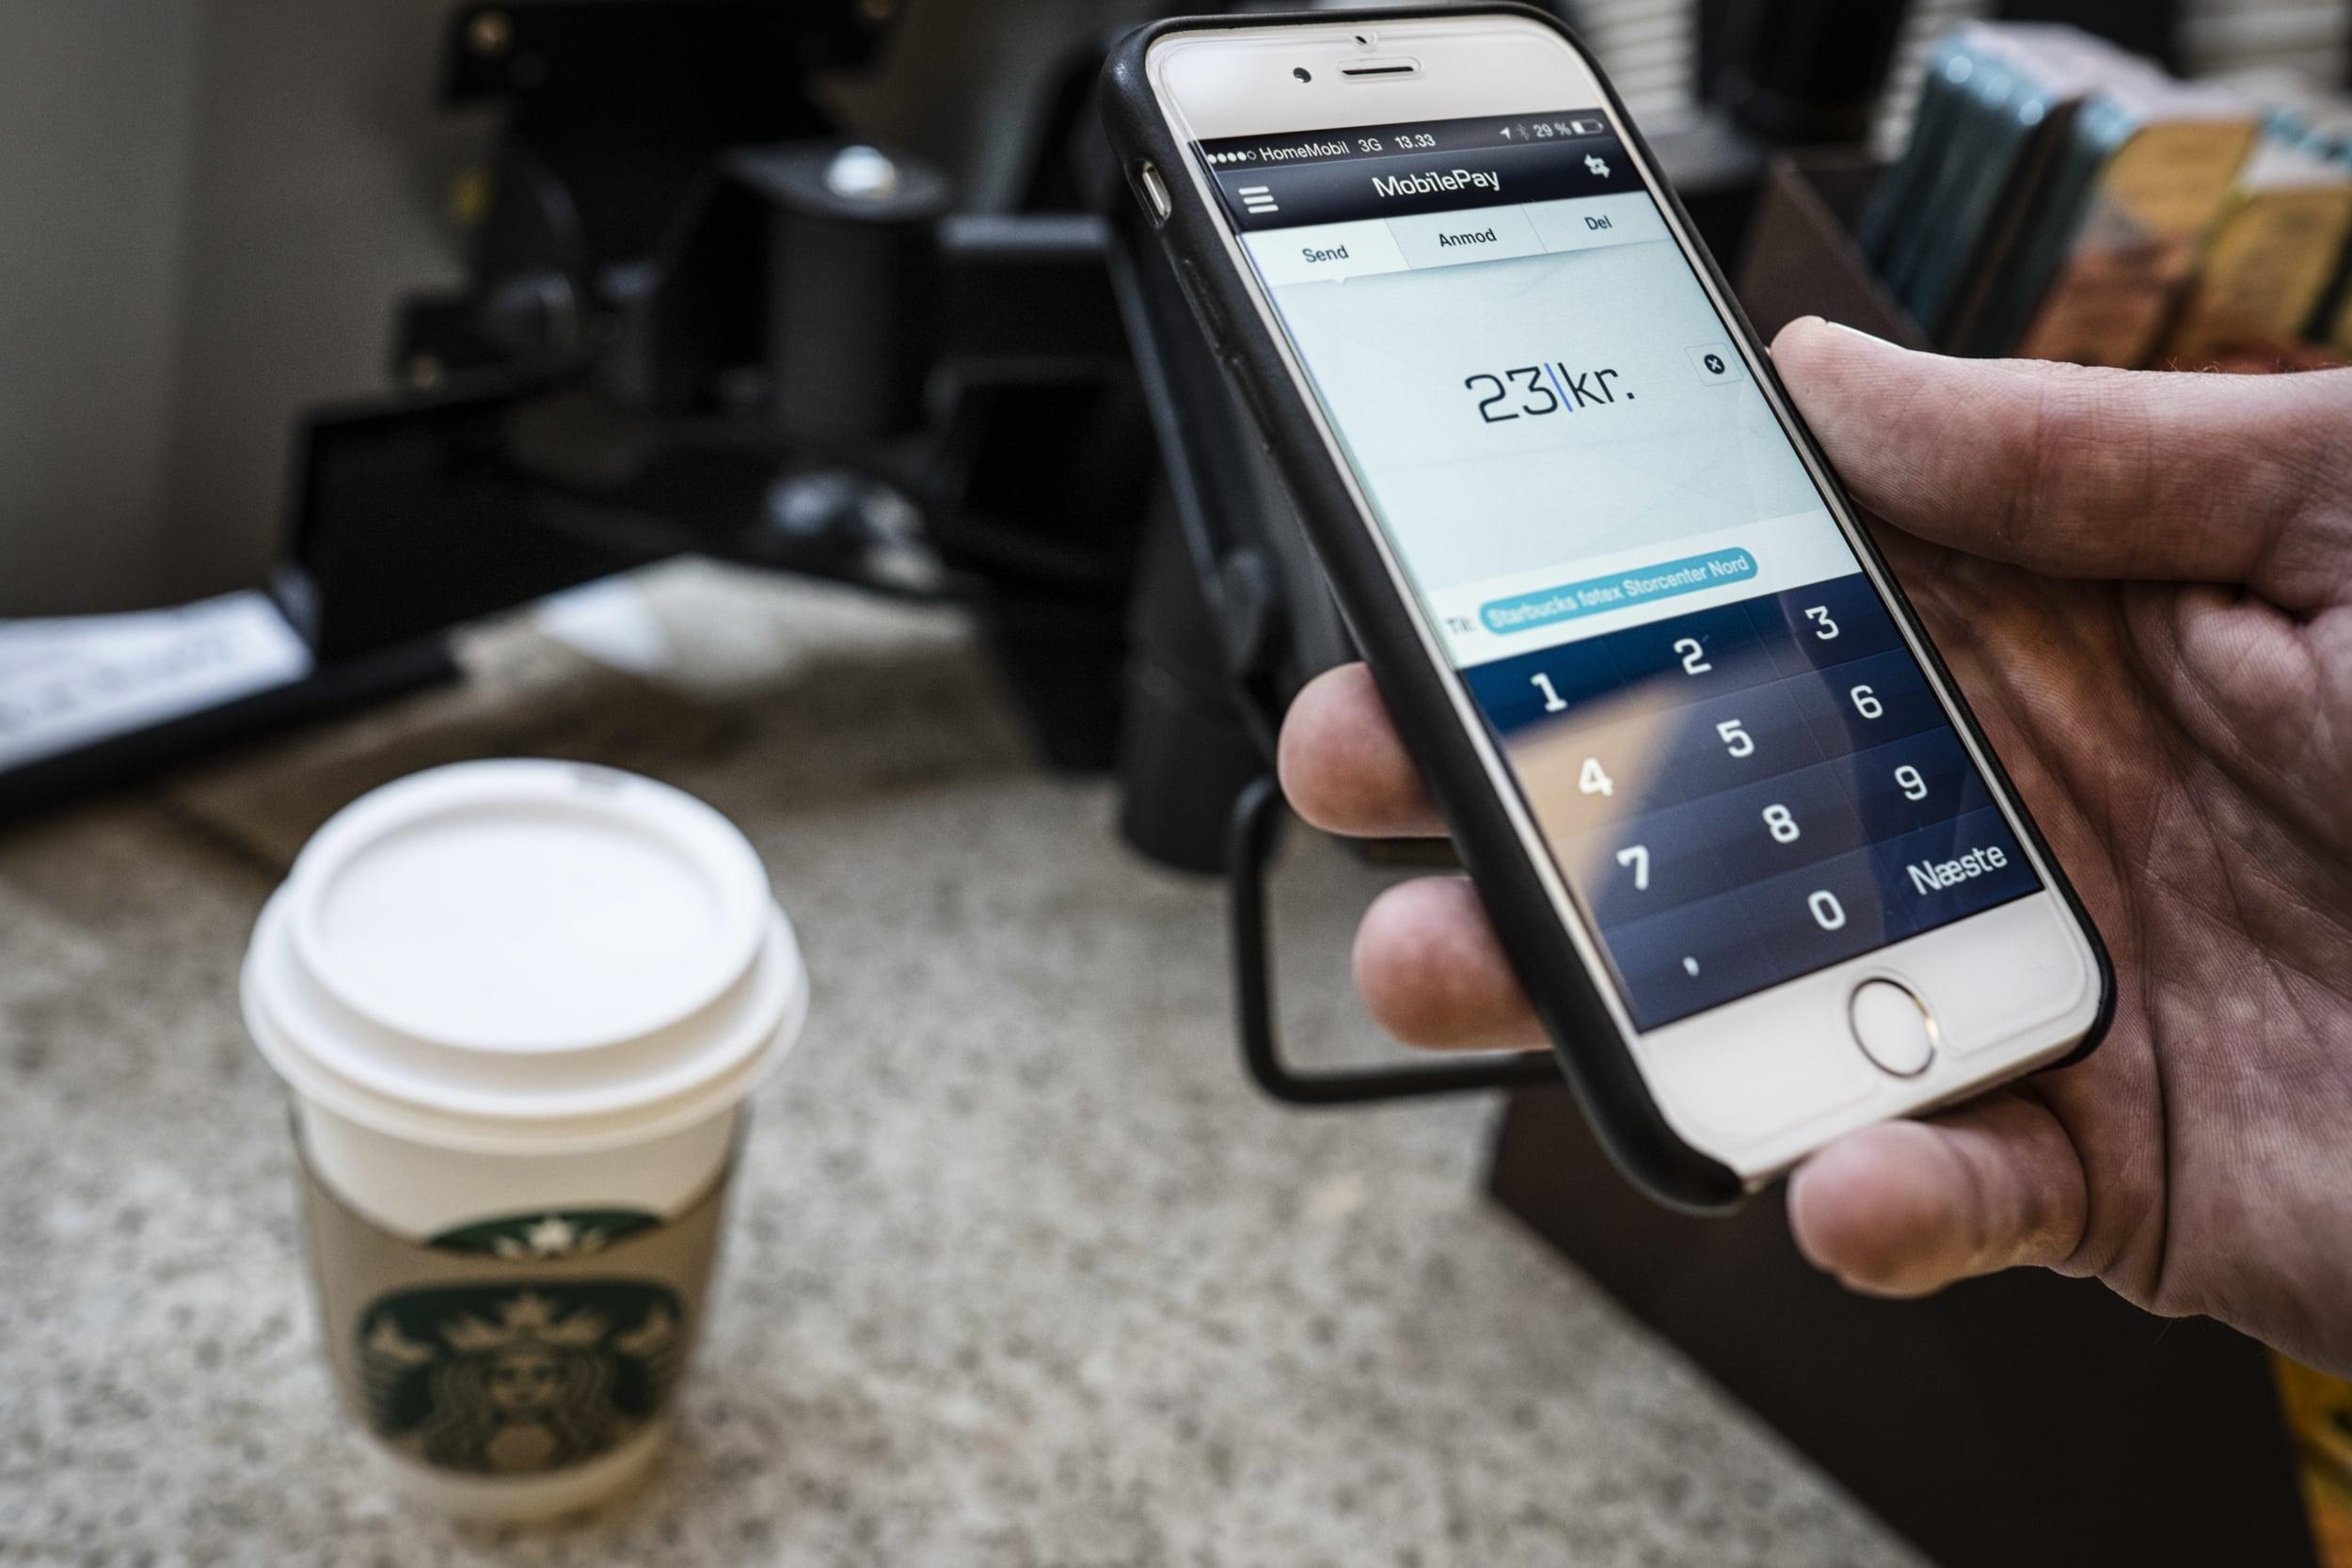 MobilePay at Starbucks